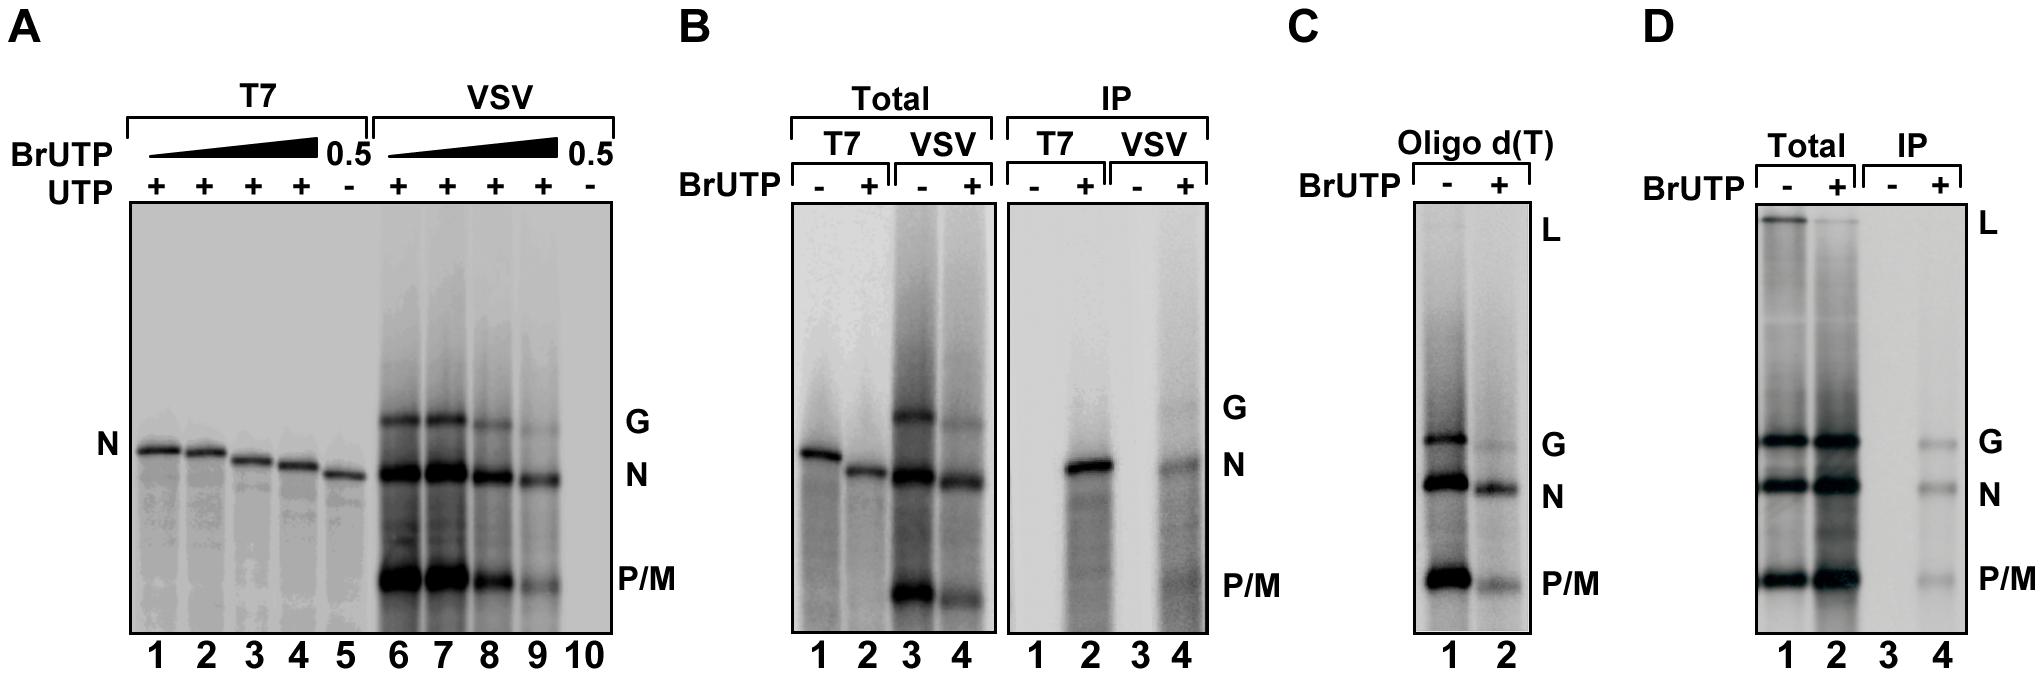 VSV RNA polymerase incorporates BrUTP during transcription <i>in vitro</i> and <i>in vivo</i>.